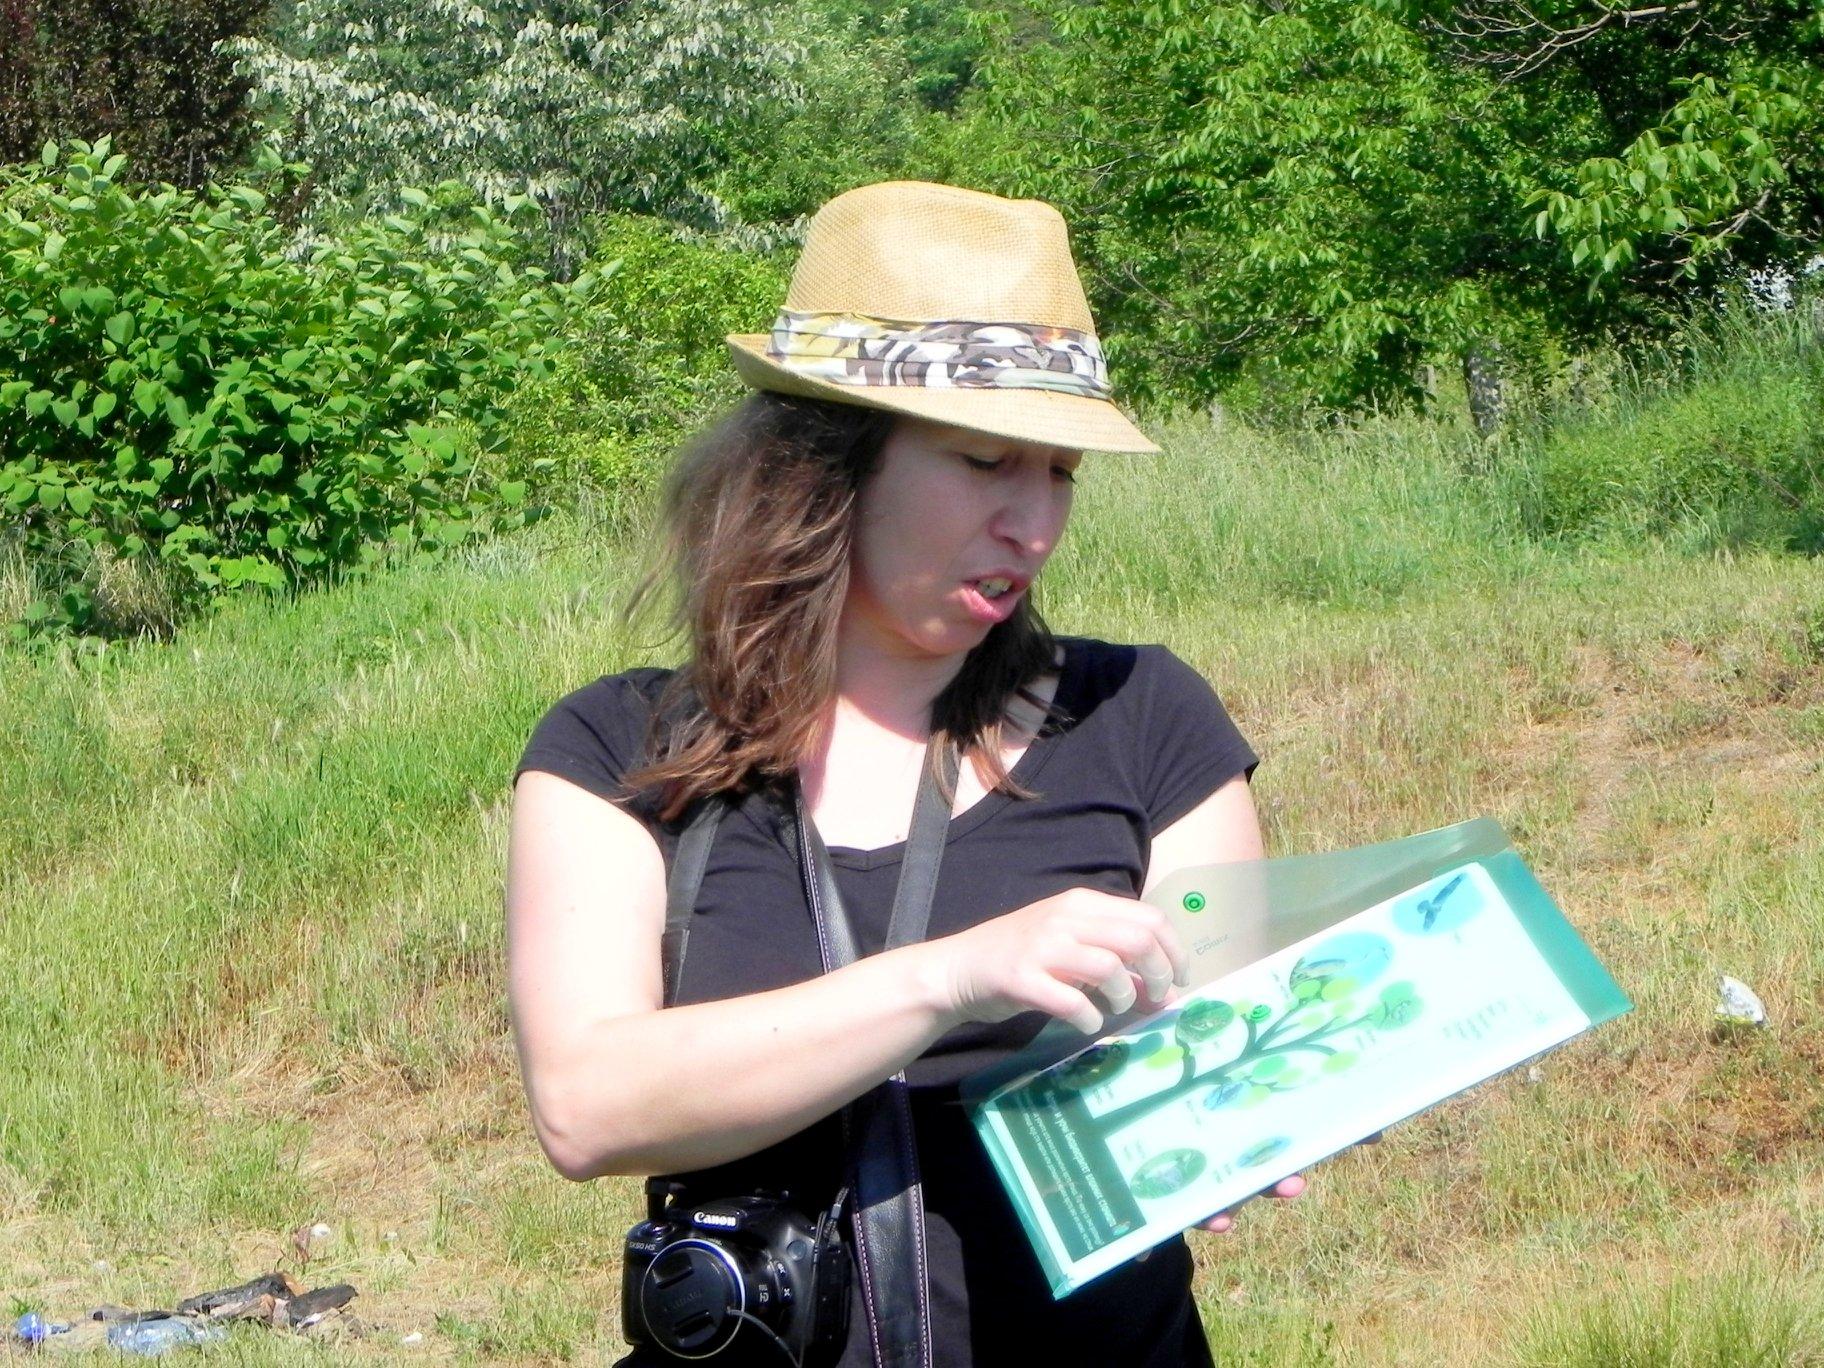 Motri i uoči biodiverzitet vlažnih staništa